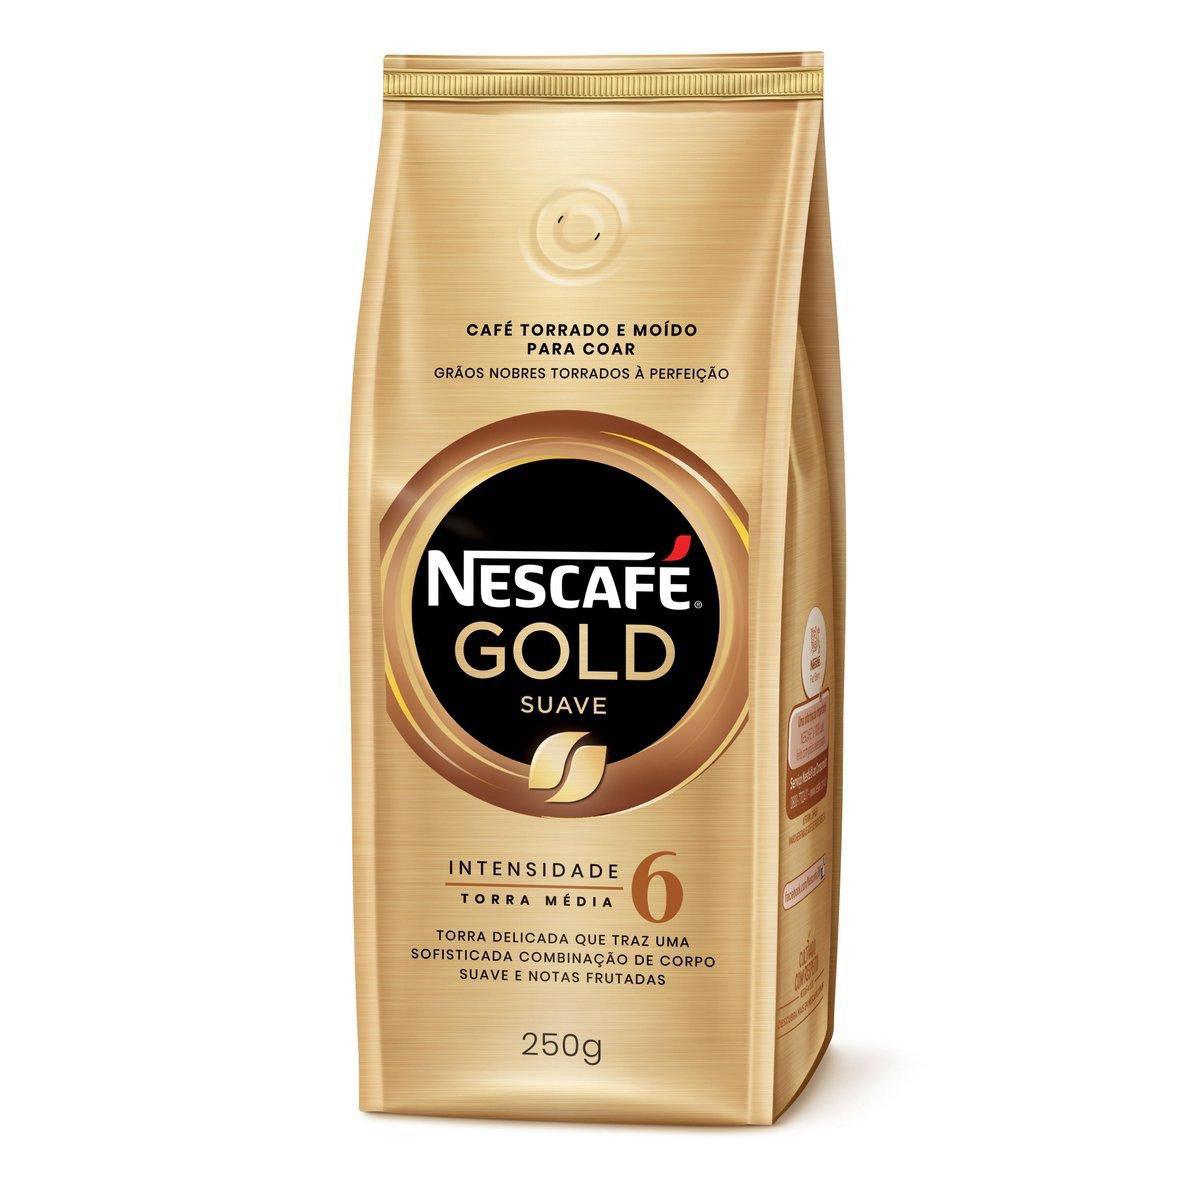 Café Torrado e Moído NESCAFÉ Gold Suave 250g